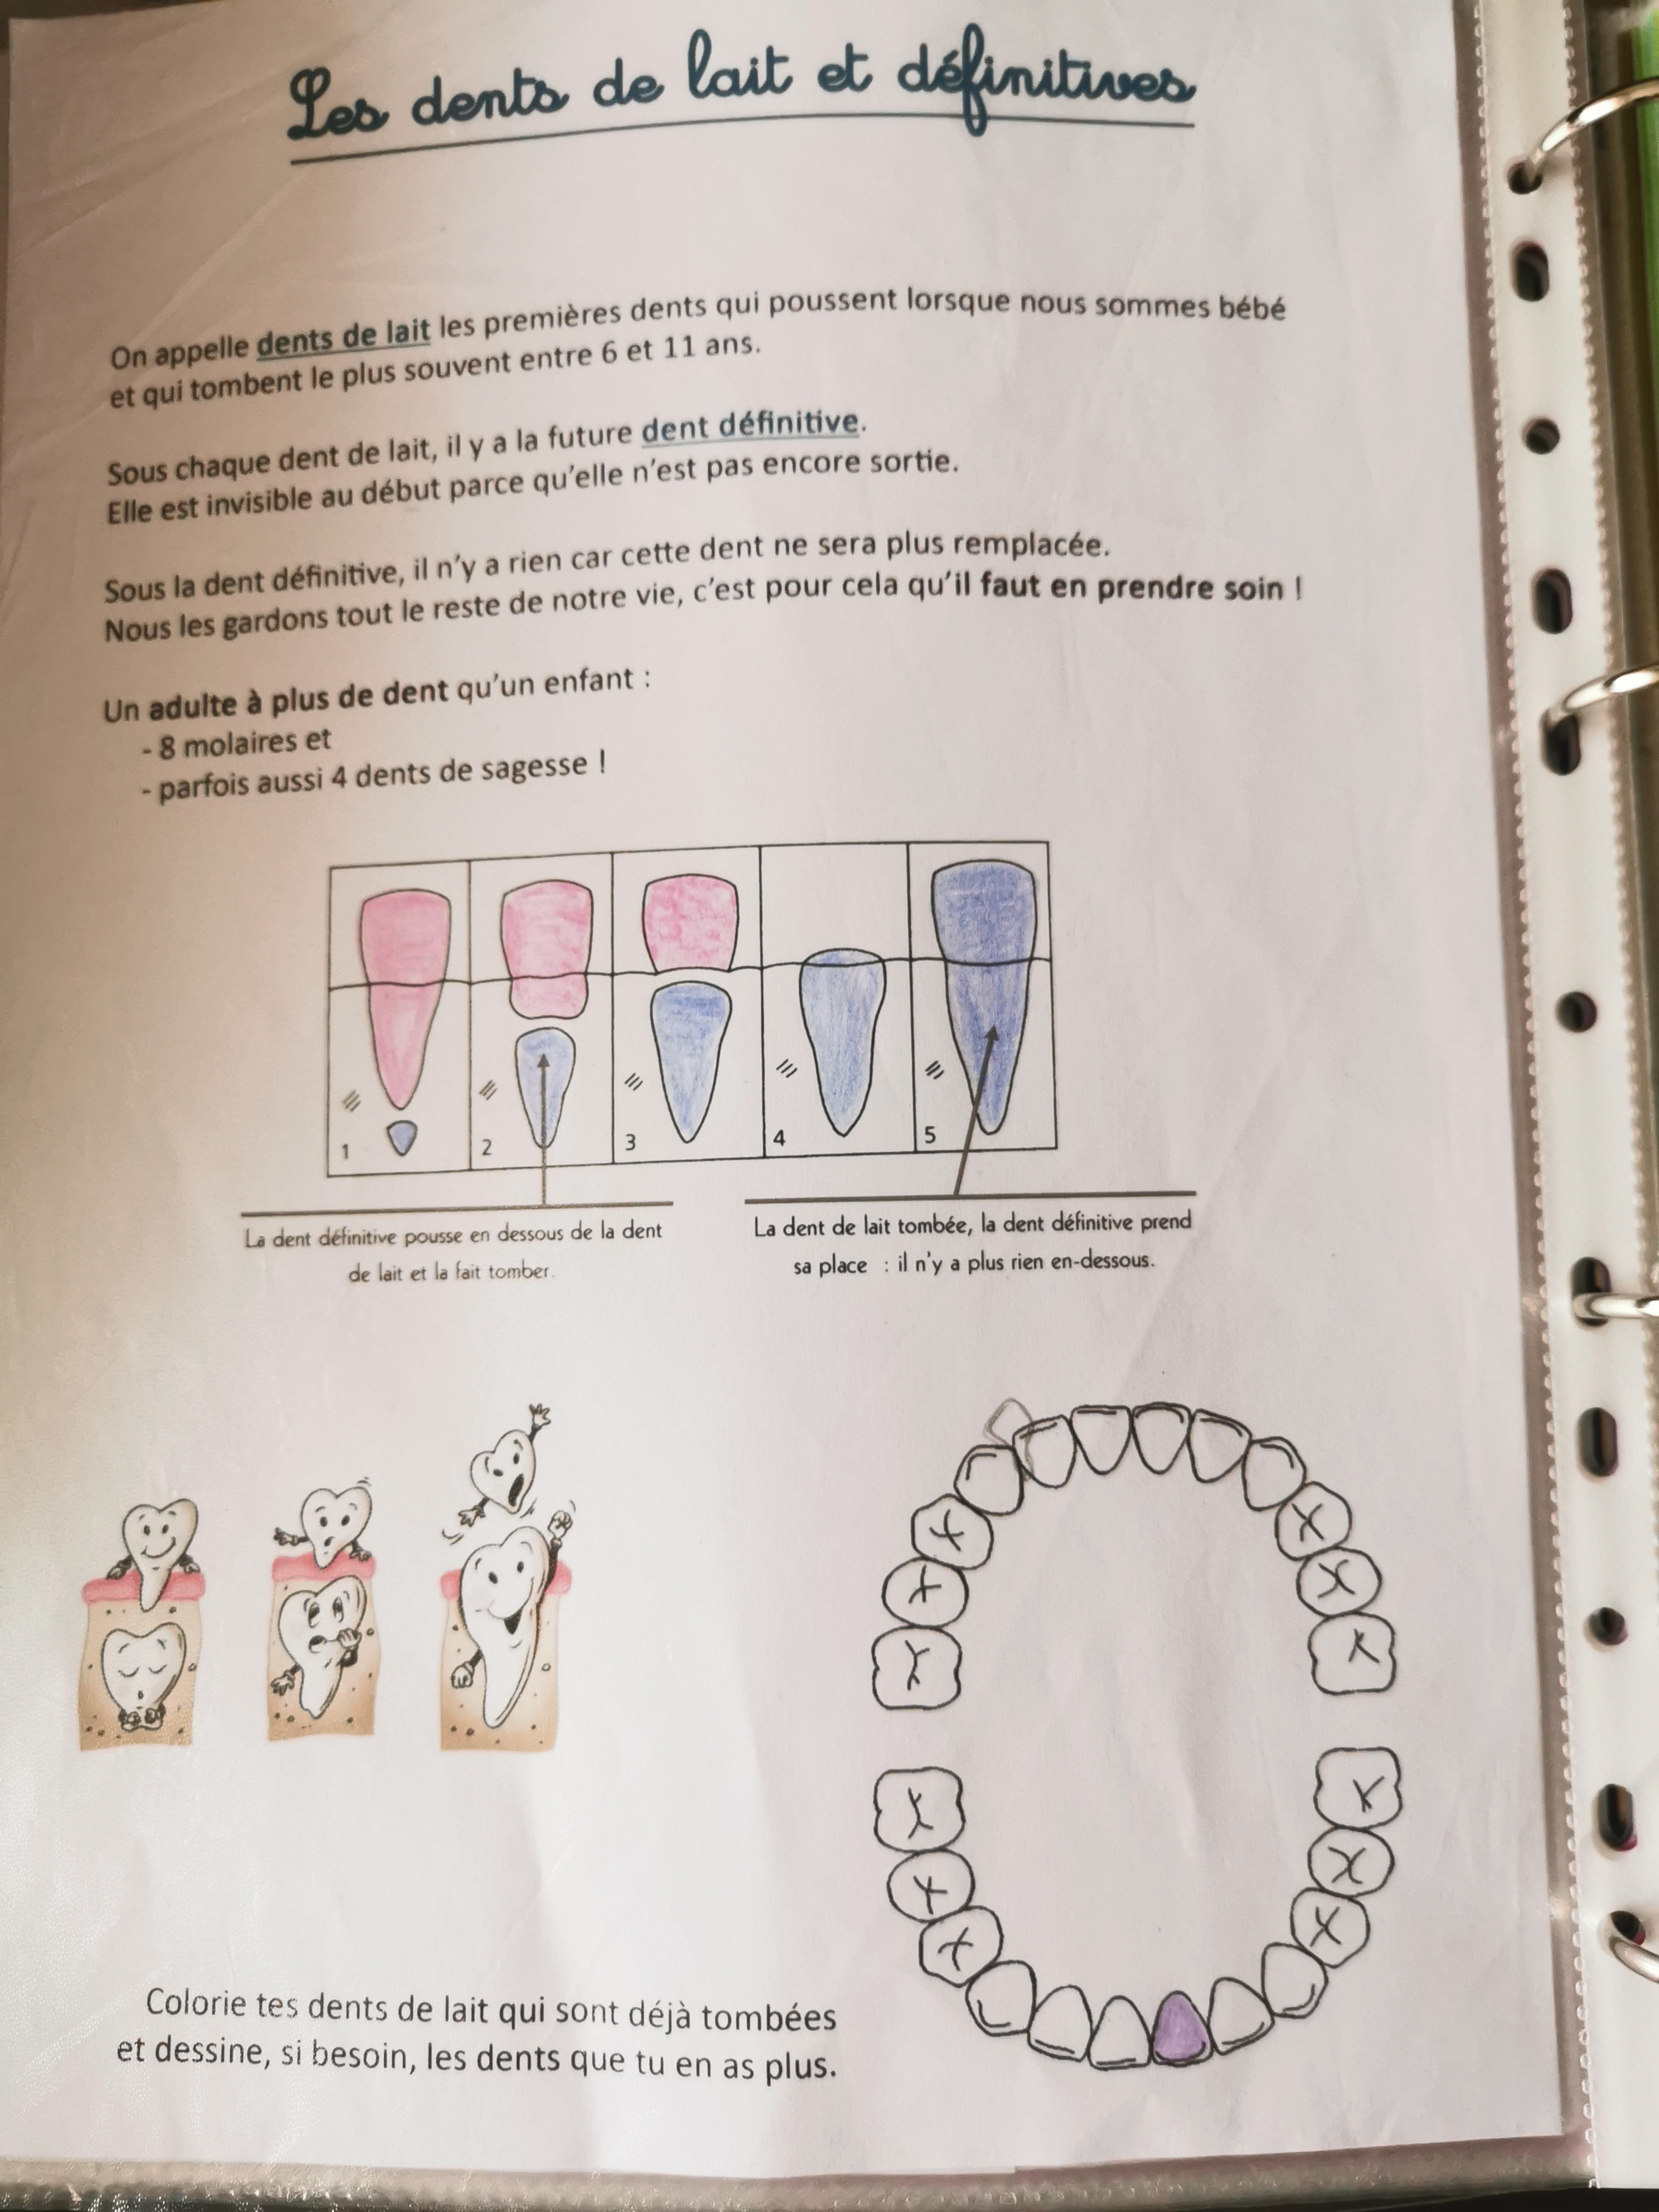 dents de lait et définitives